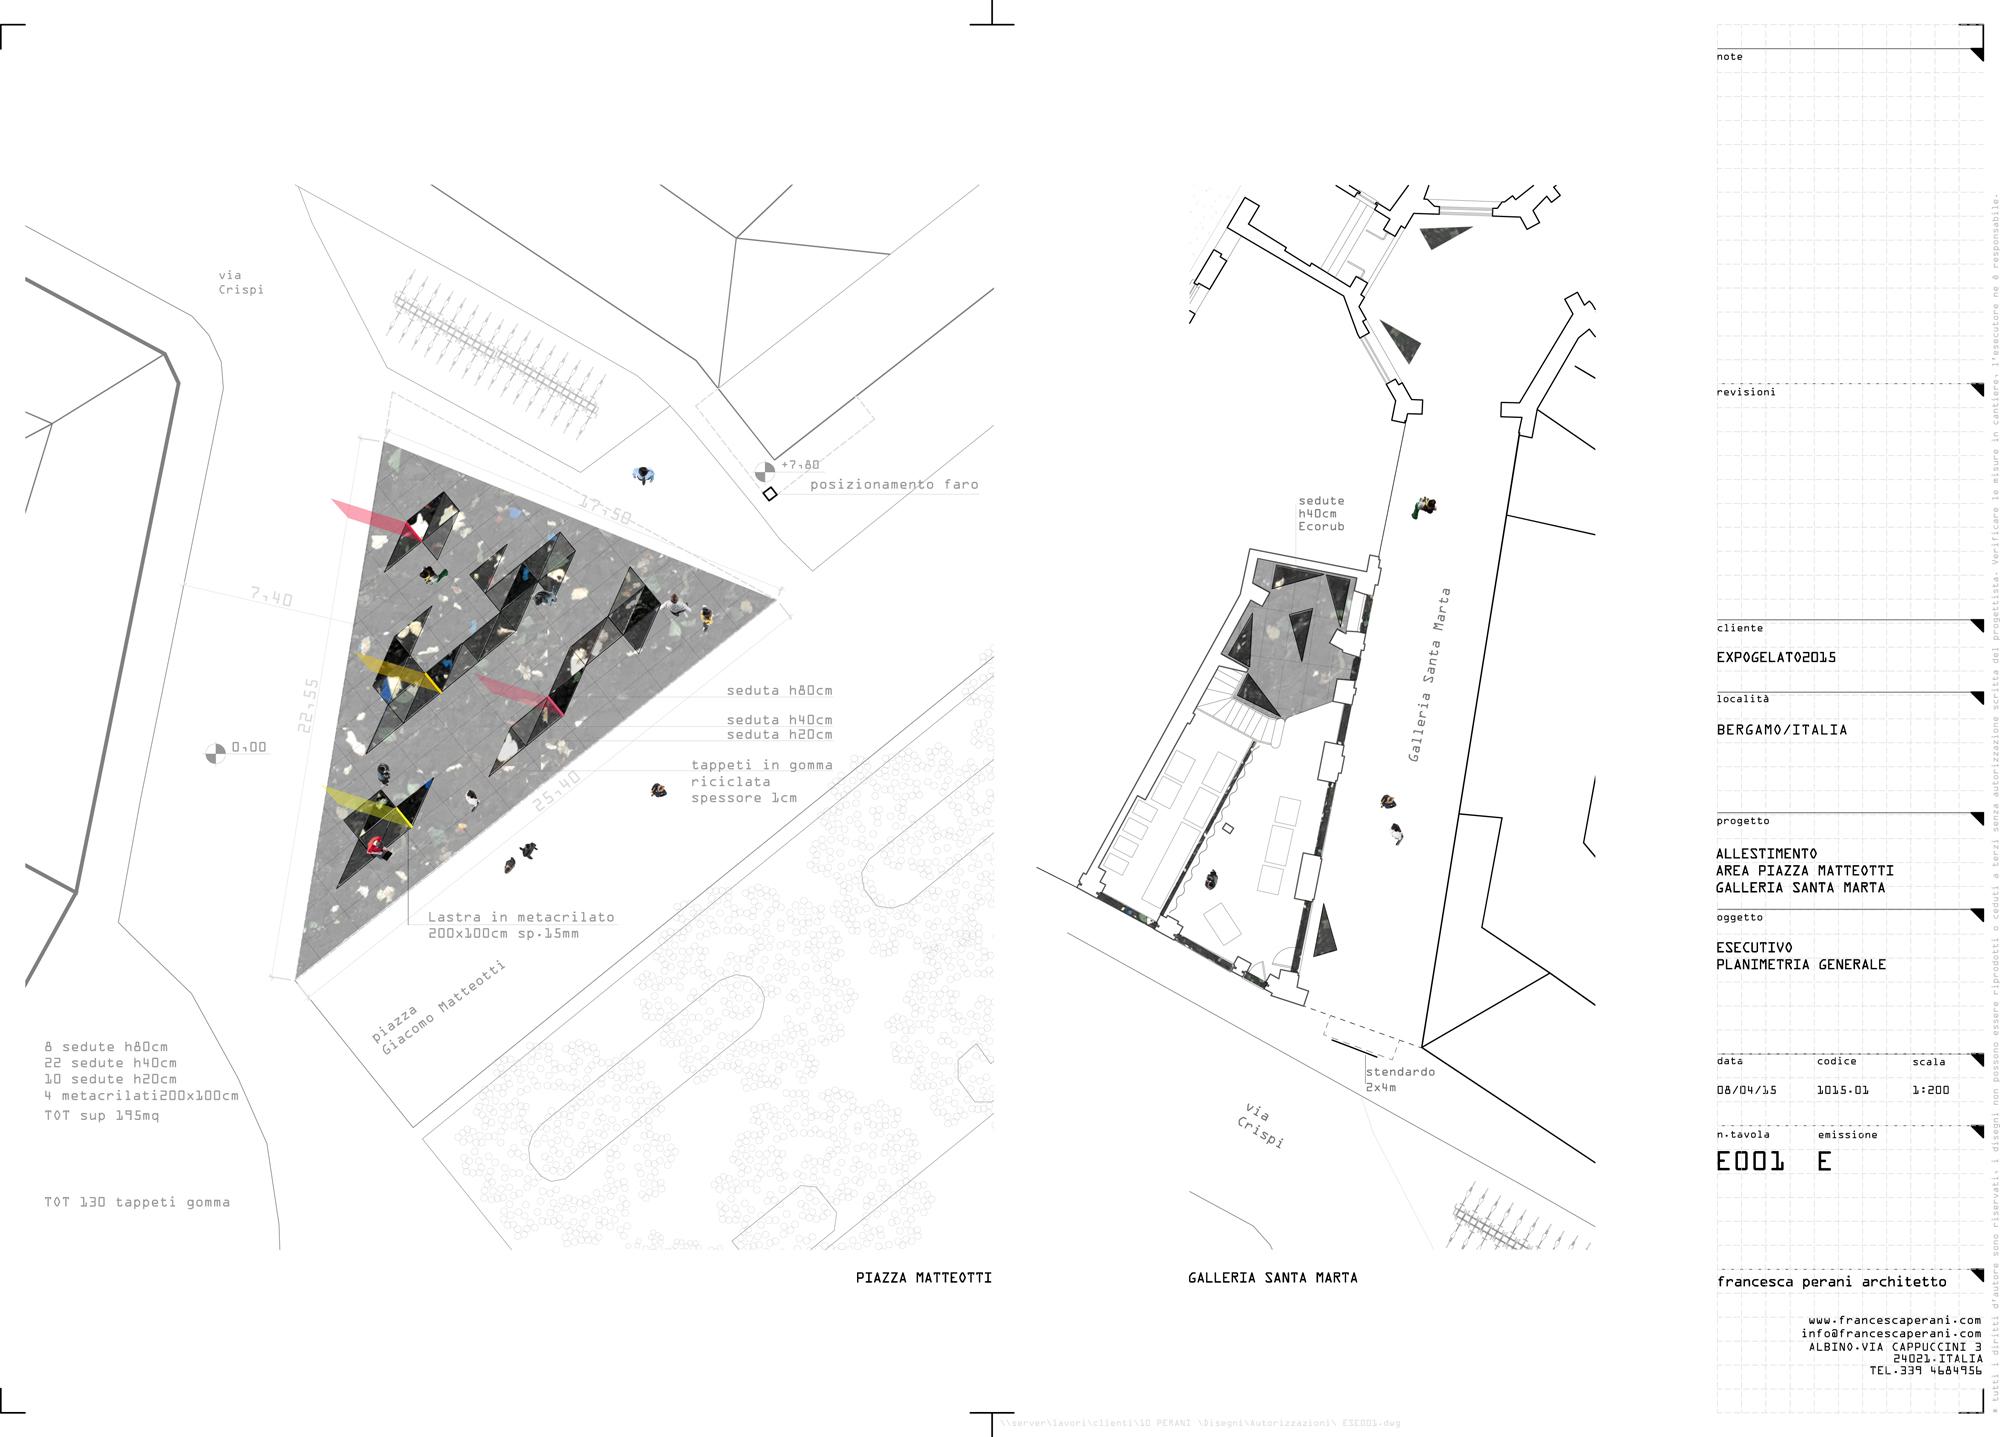 planimetria occupazione suolo Expogelato Ecorub